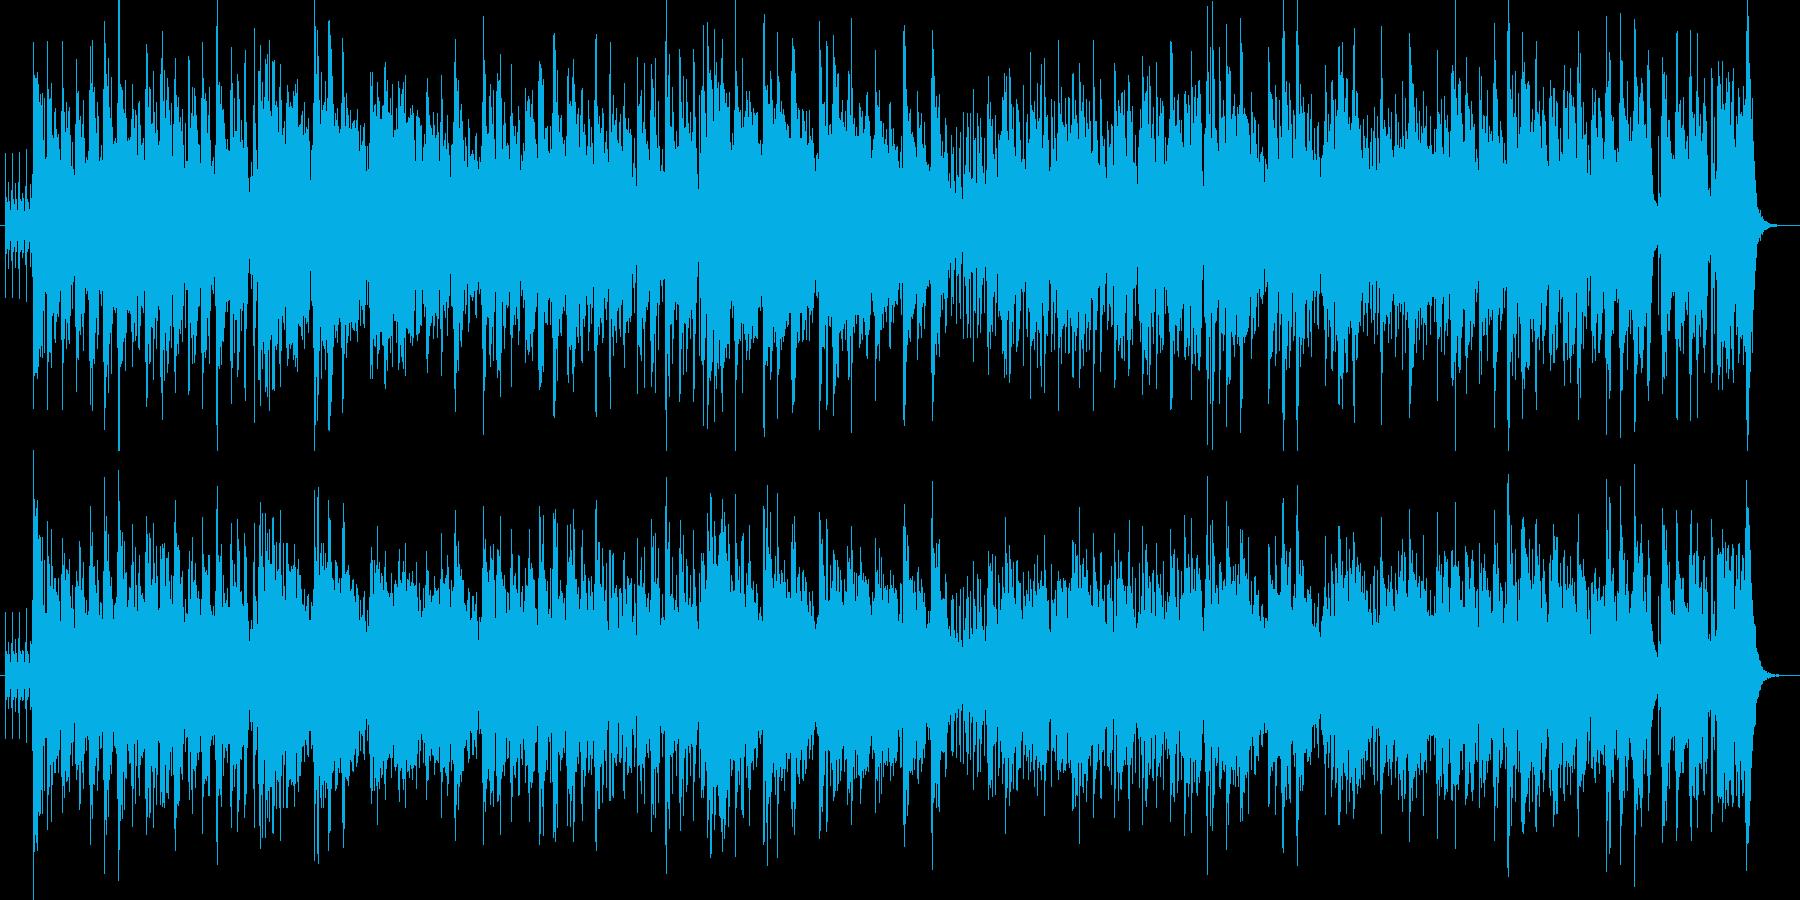 渋谷系ジャズスキャット60's ダバダバの再生済みの波形